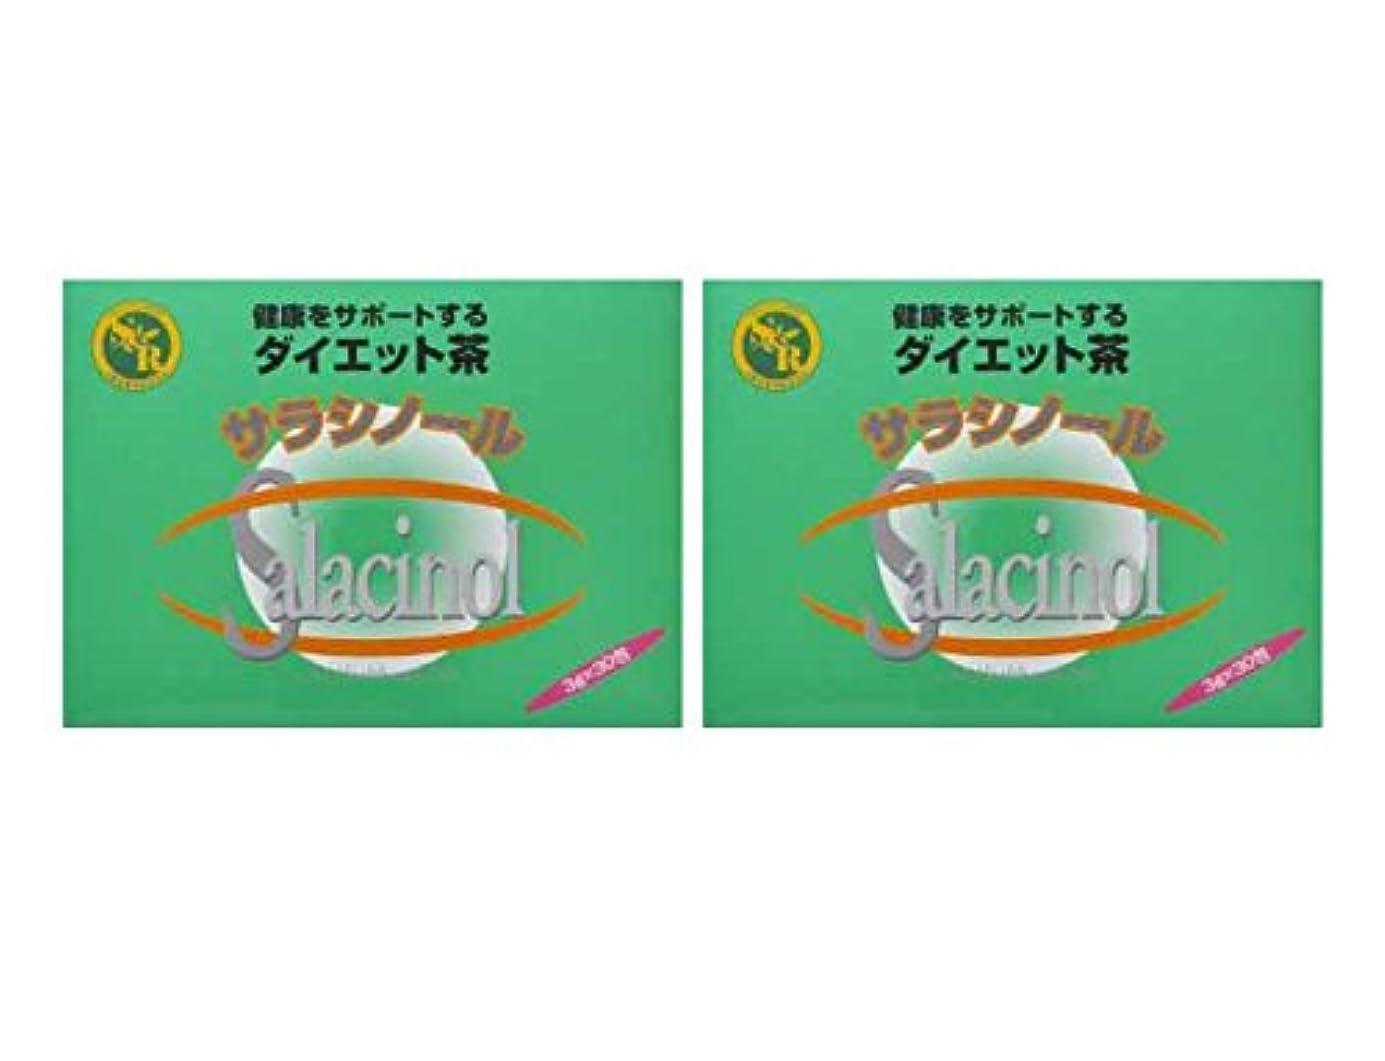 座標権限選択するジャパンヘルス サラシノール茶 3g×30包×2箱セット(サラシア茶?ダイエット茶)